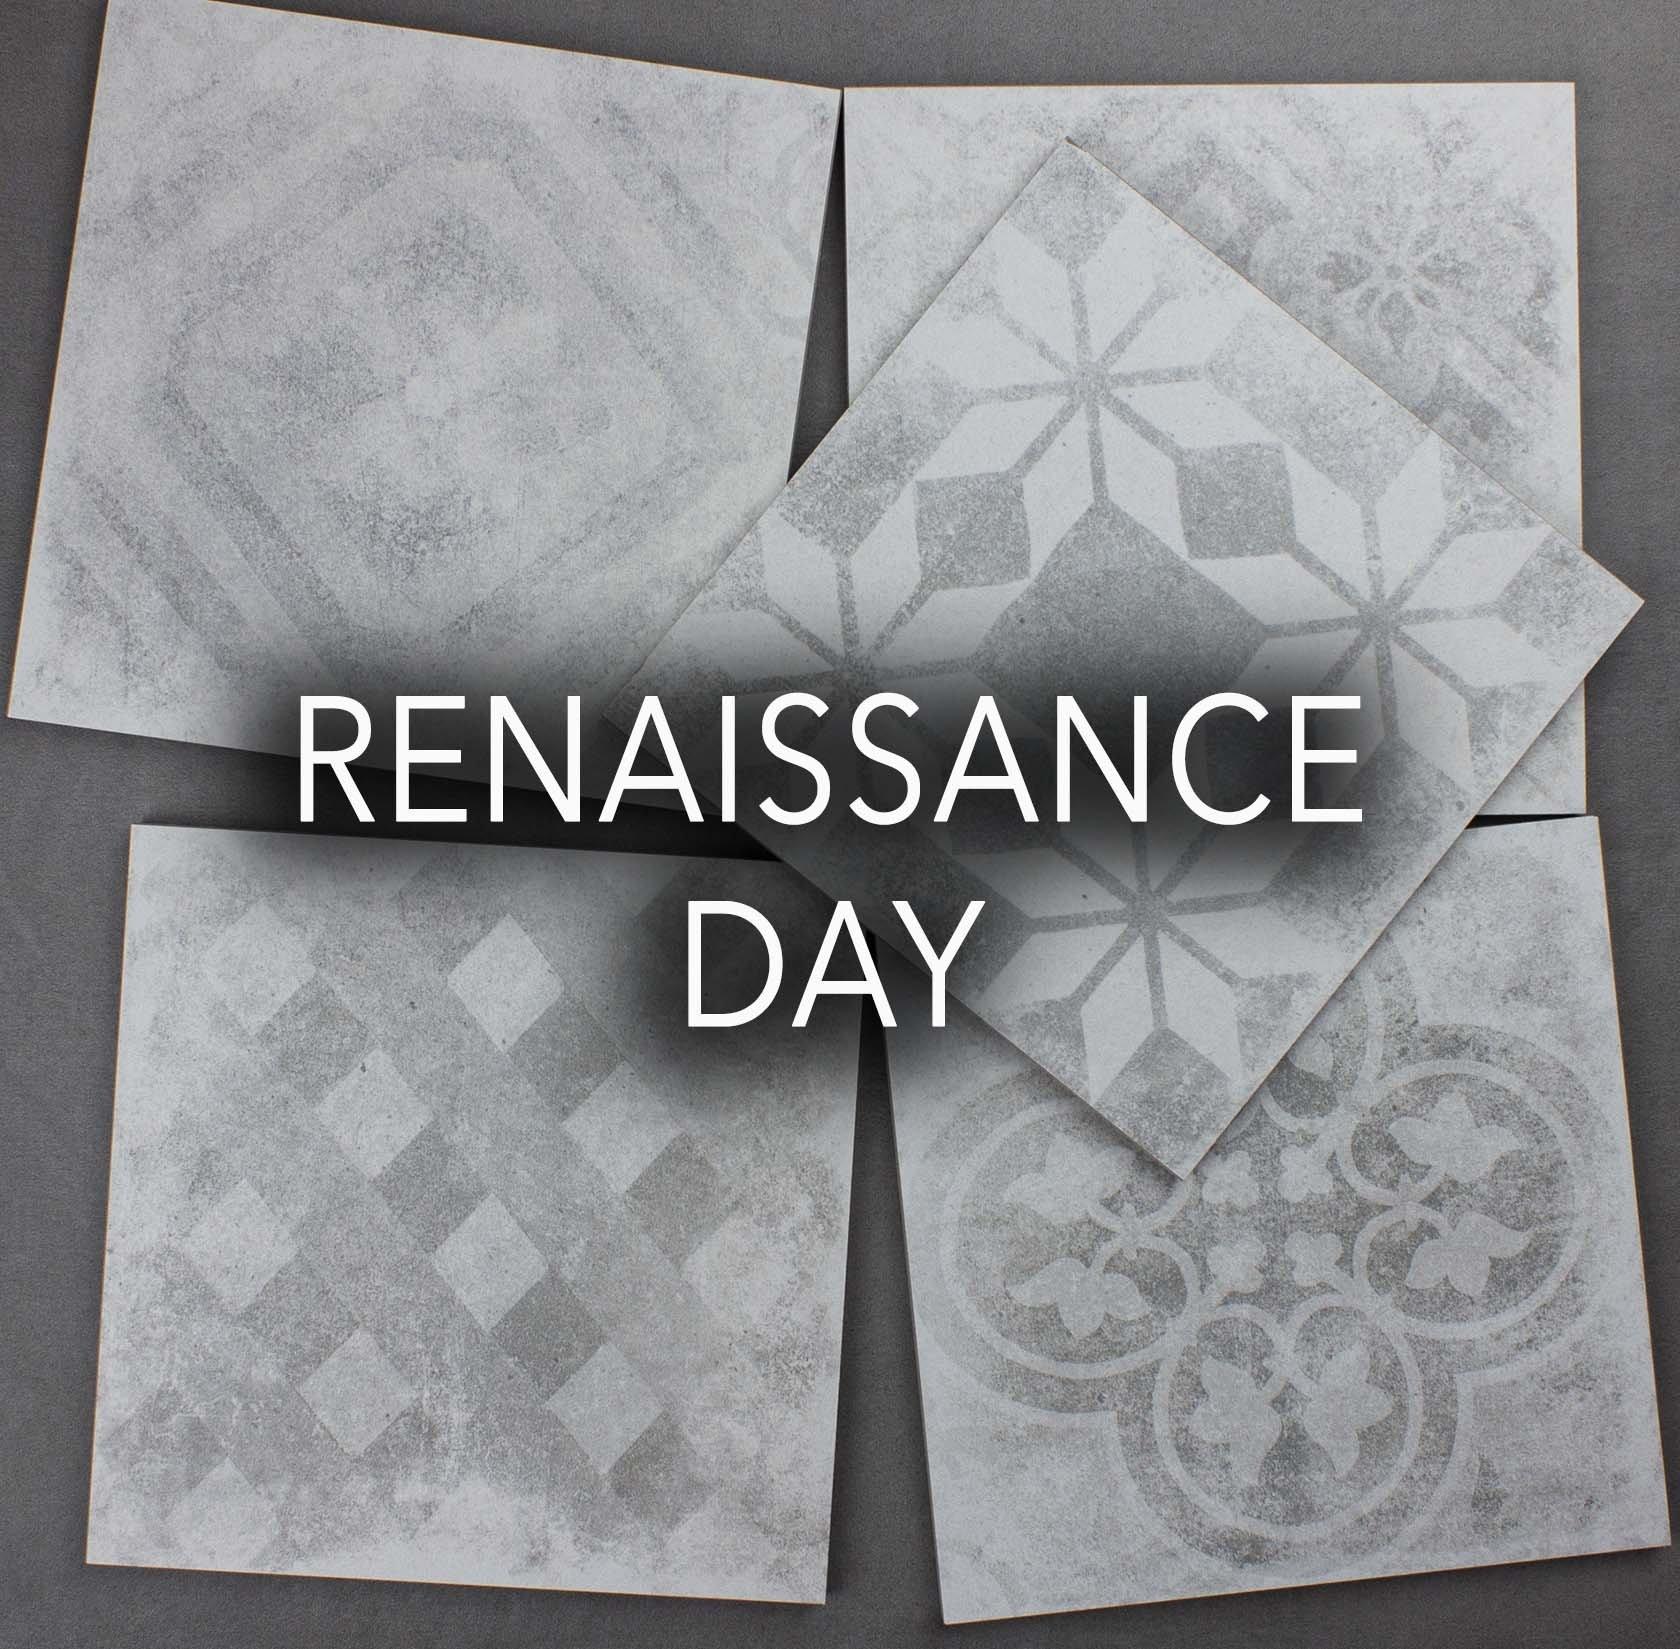 Renaissance Day Porcelain Tiles